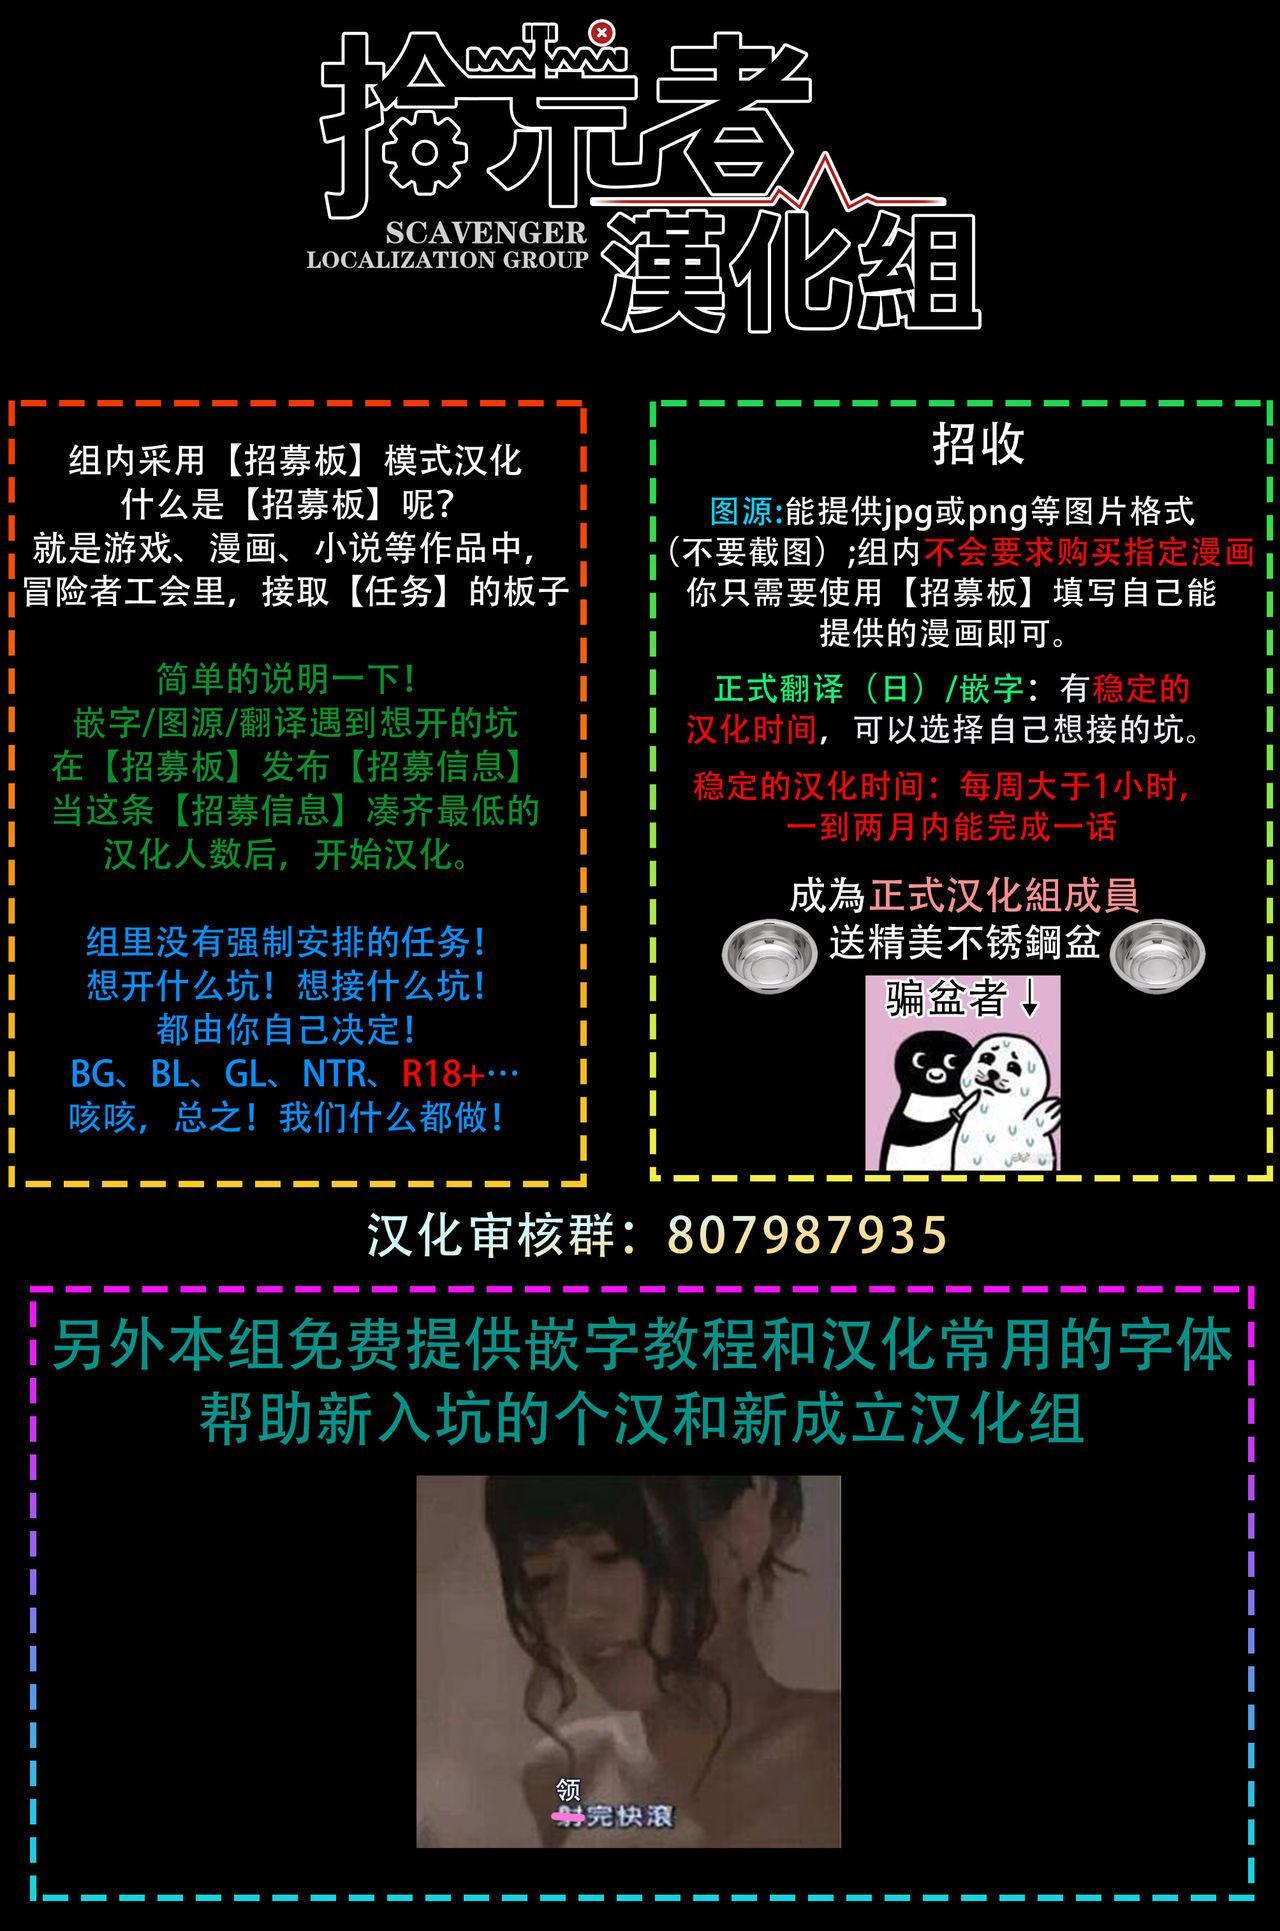 Ore no Sekai o Hakai Suru Otoko  | 要破坏我世界的男人 1 -2 67